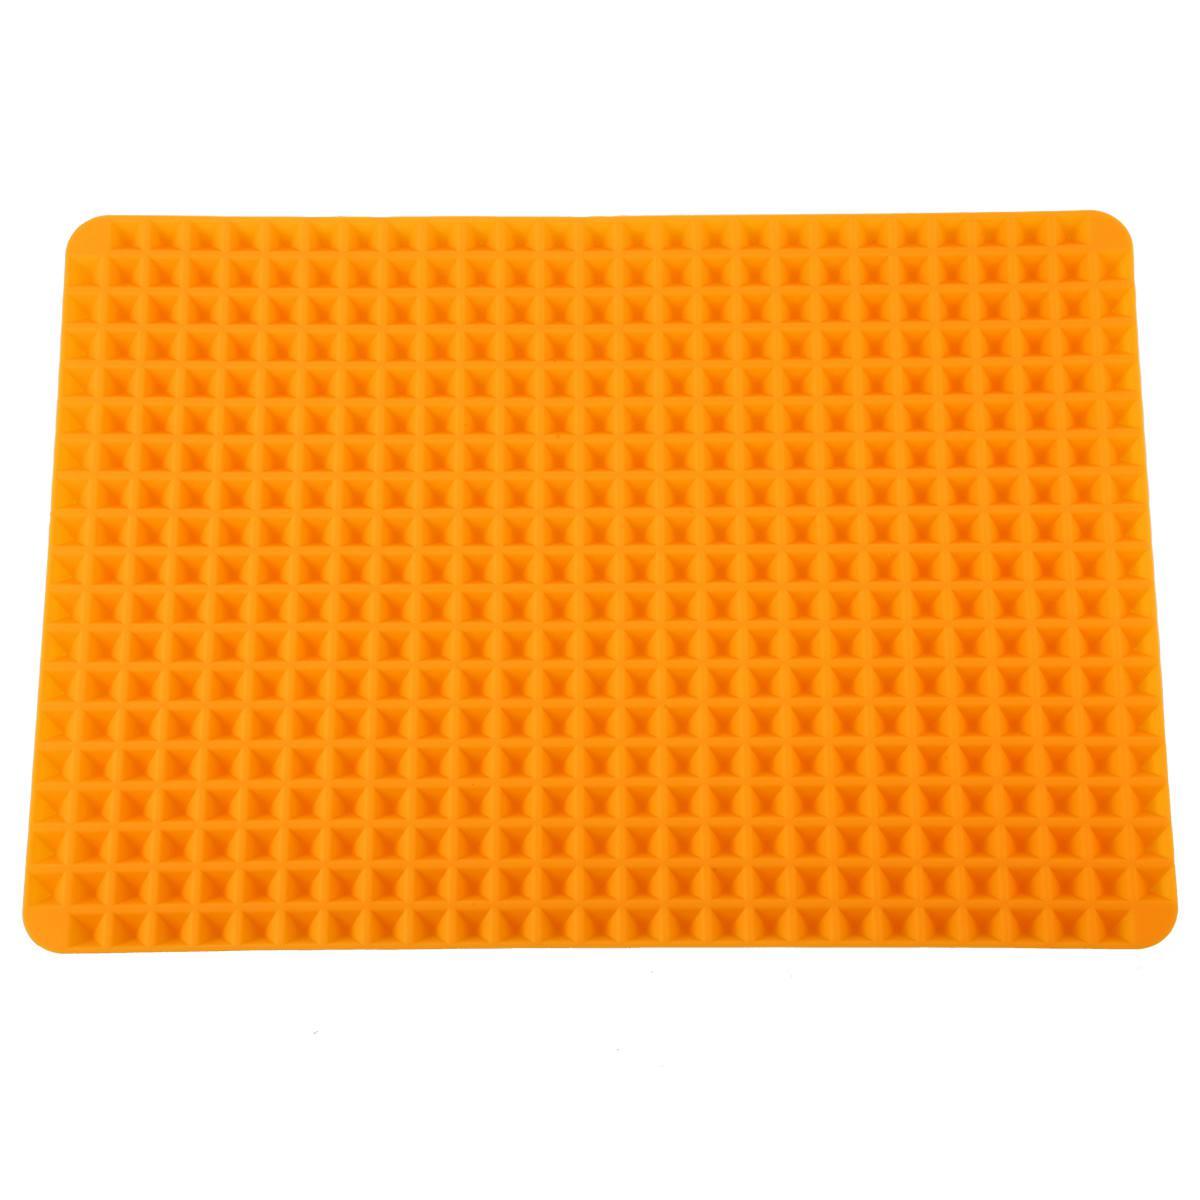 Silikon-Antihaft-gesunde-Kochen-Backmatte-mit-Pyramide-Oberflaeche-16-Zoll-F5L9 Indexbild 3